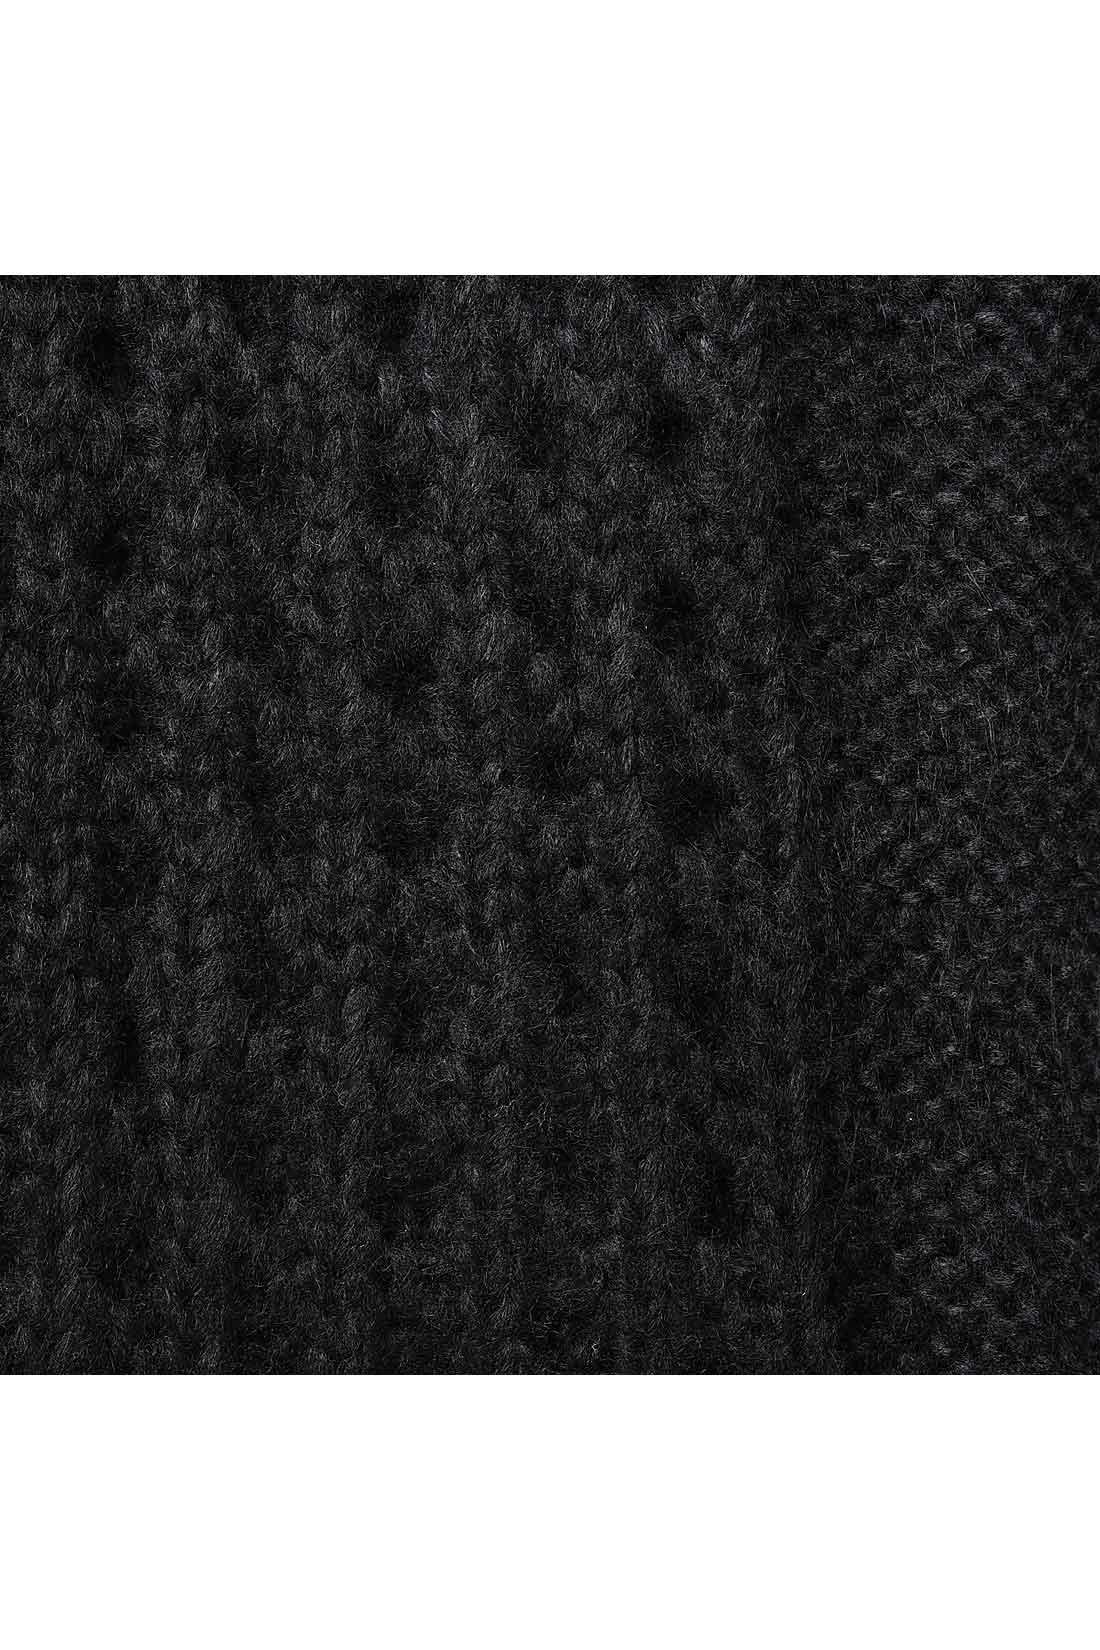 細見え効果も兼ねた縦ラインの透かし編み。